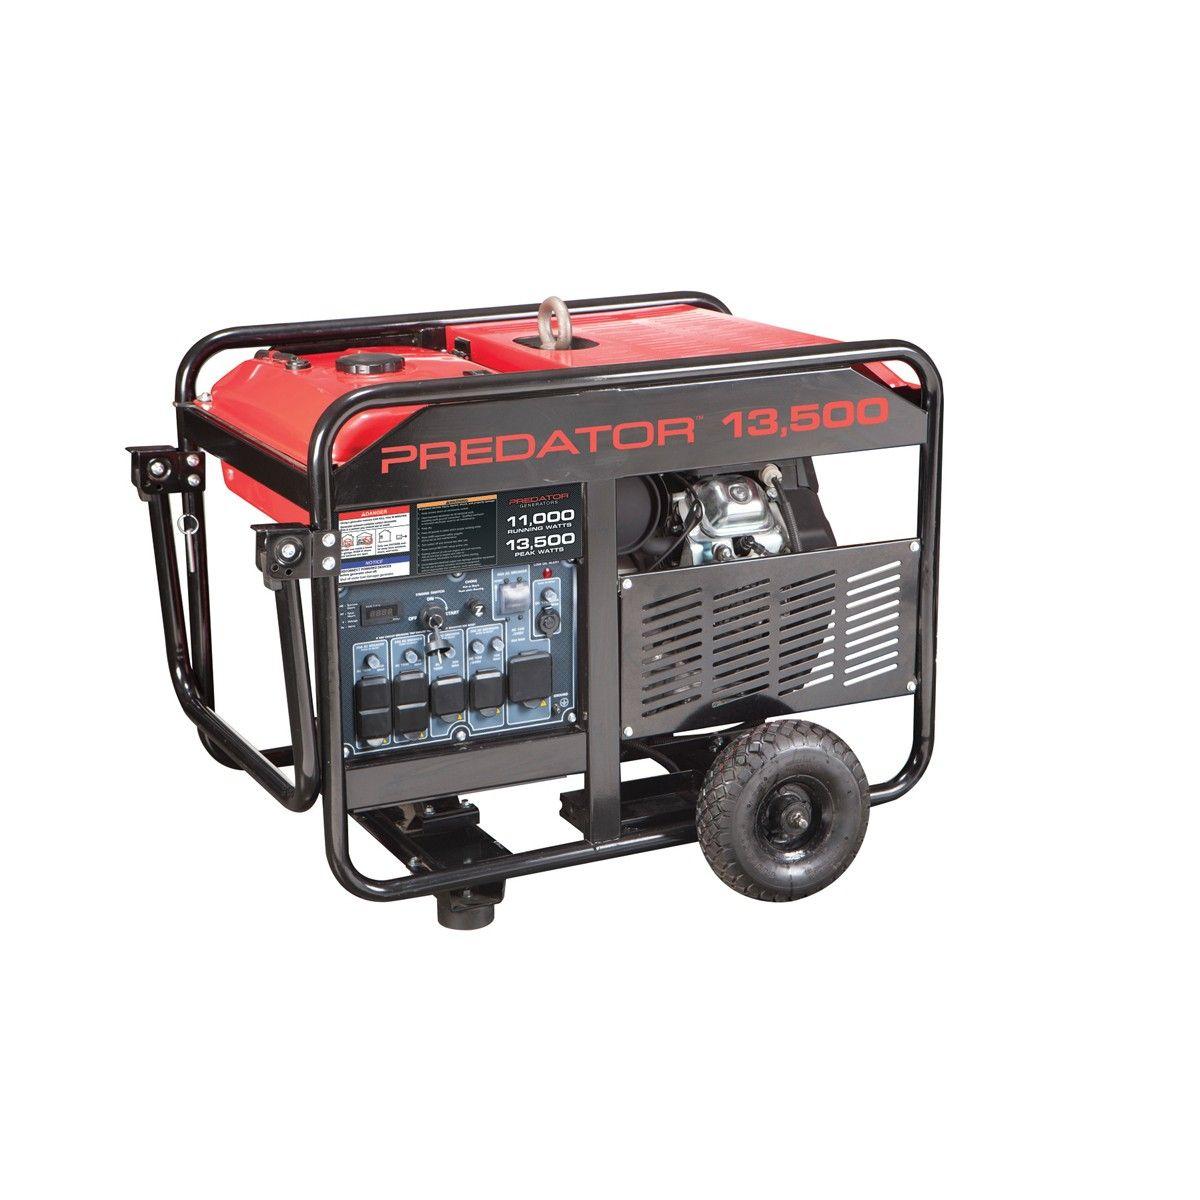 13500 Peak/11000 Running Watts, 22 HP (670cc) Gas